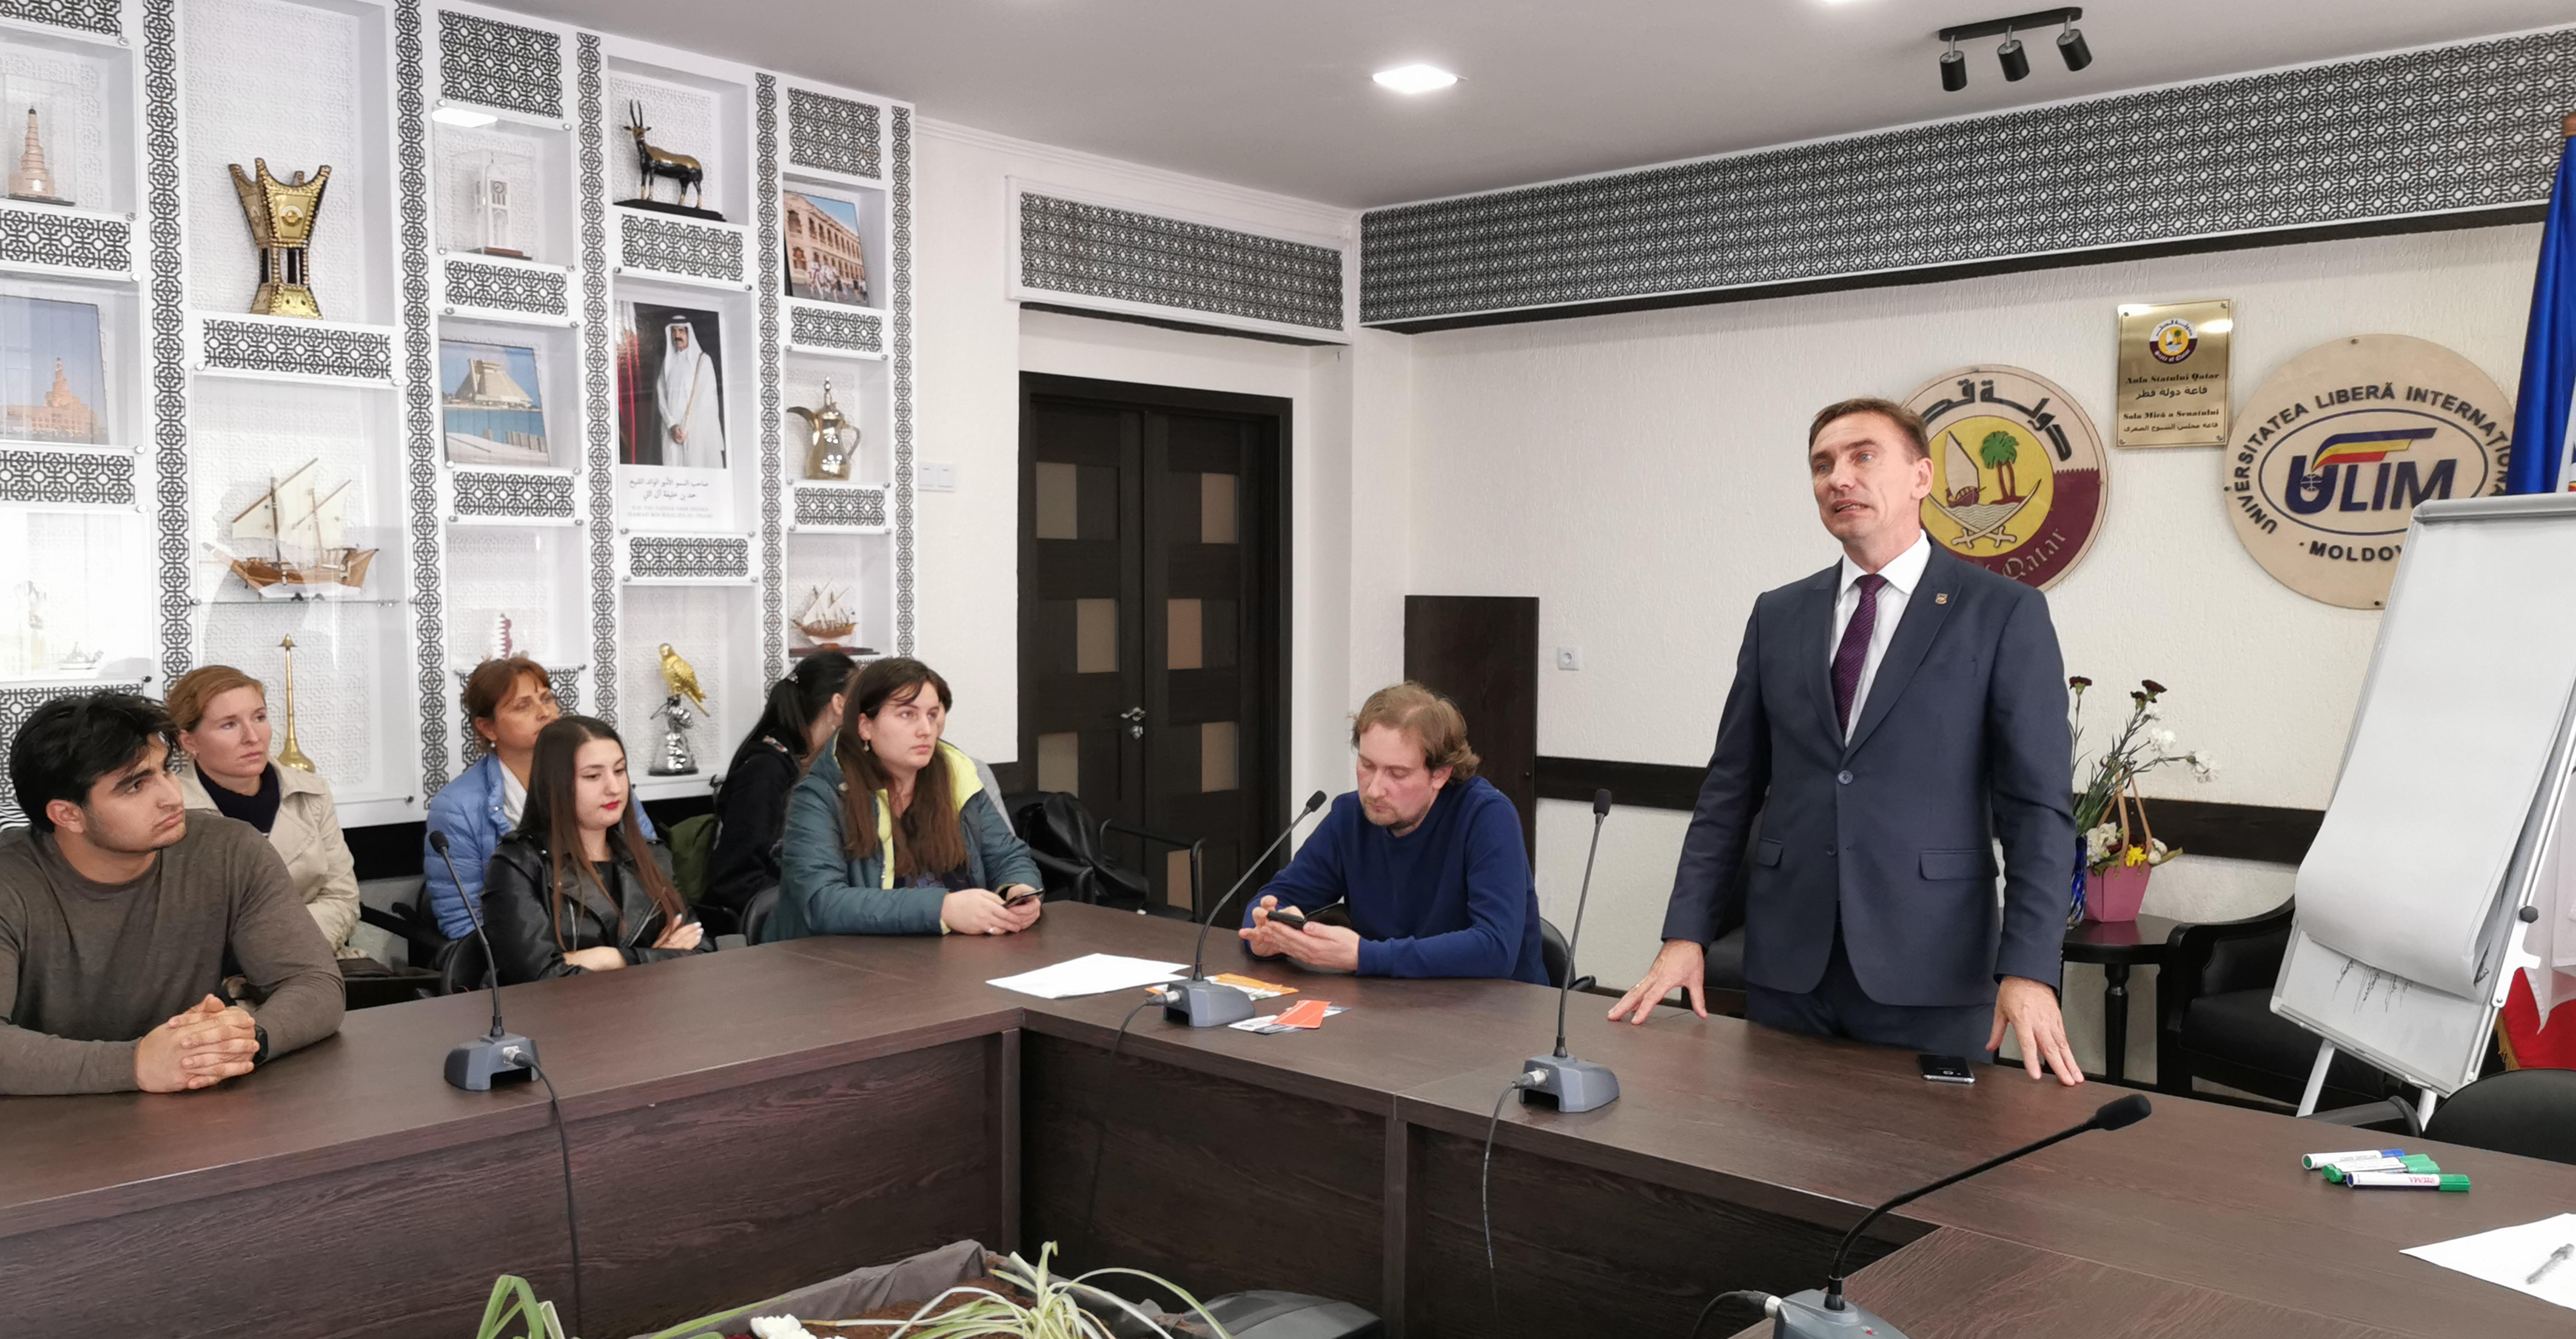 Ziua Europeană de Combatere a Traficului de Ființe Umane marcată la ULIM